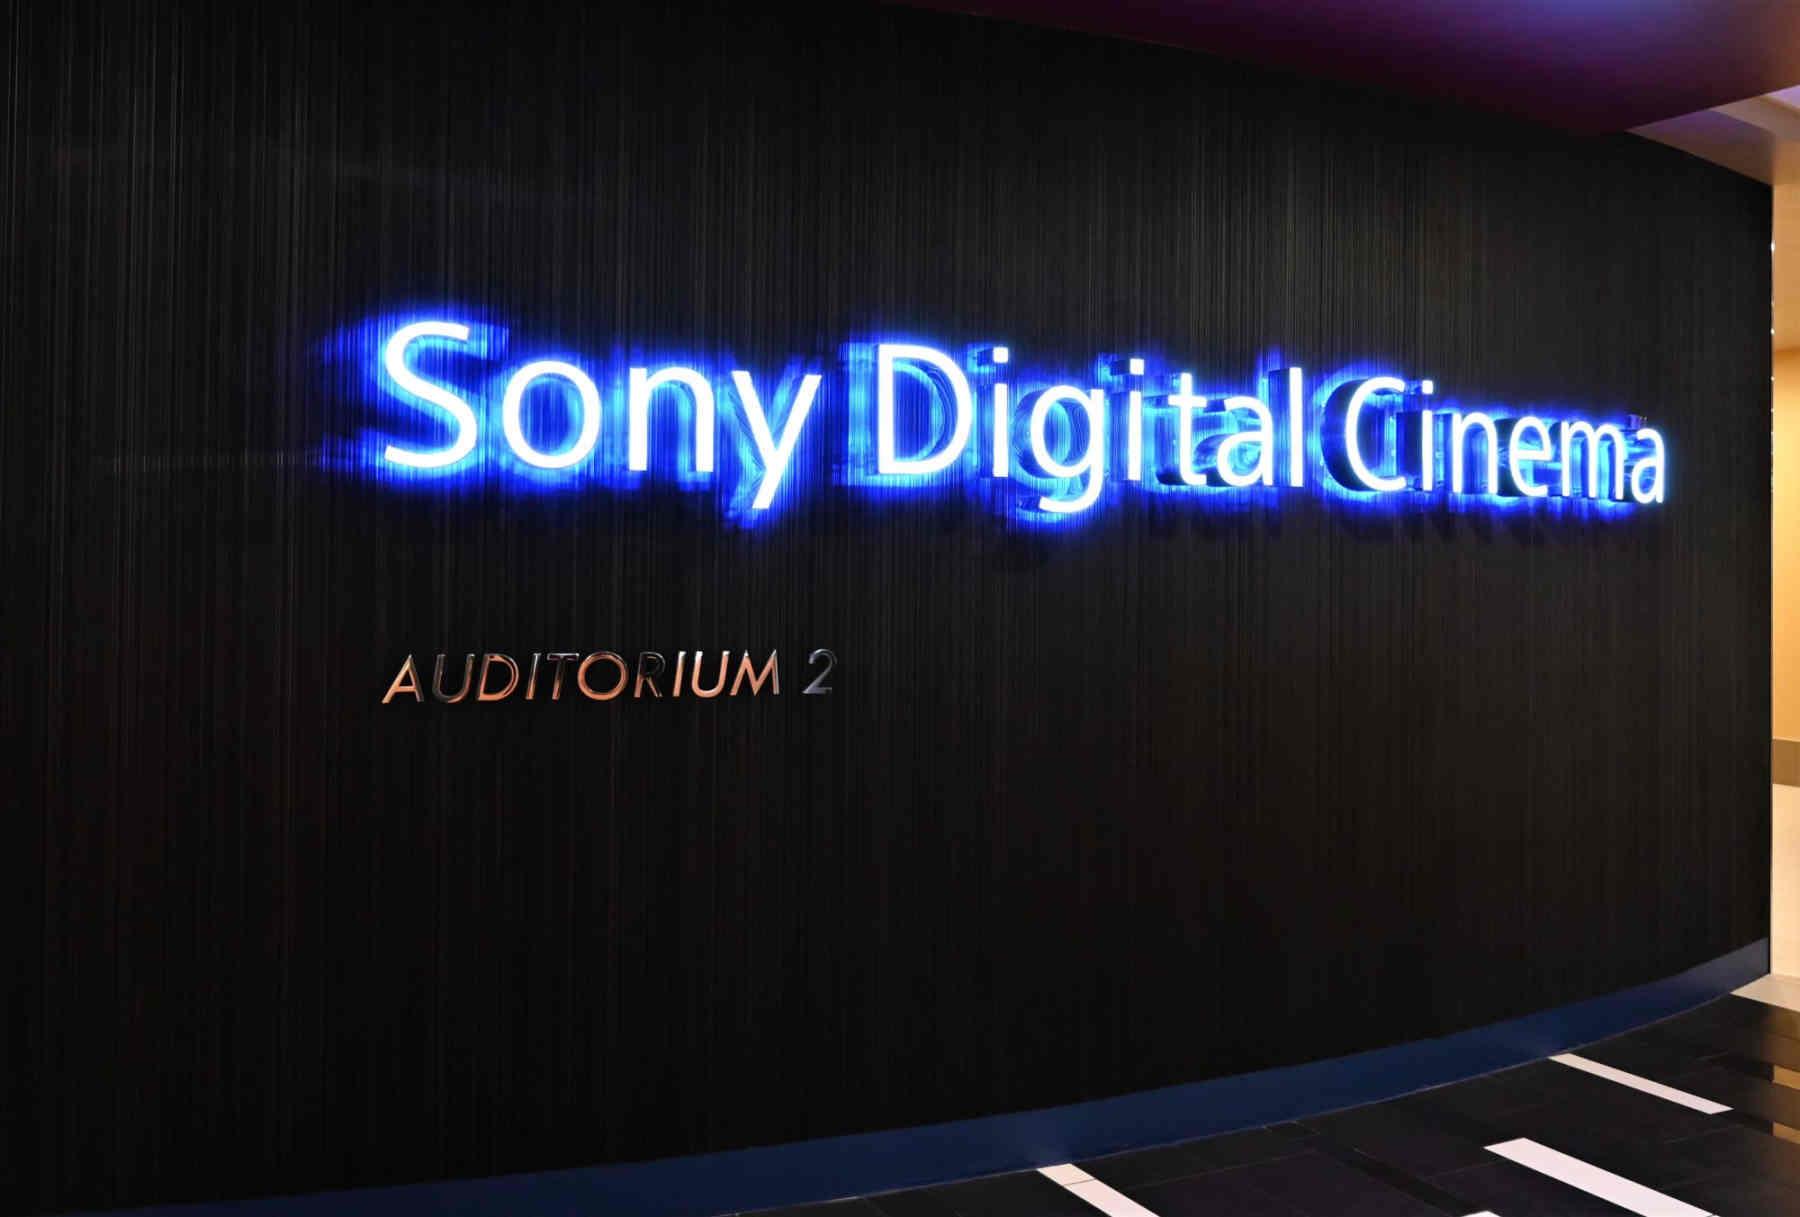 Quên TV đi, Sony đã có rạp chiếu phim cao cấp: màn hình 840 inch, máy chiếu 4K HDR, vé 350K